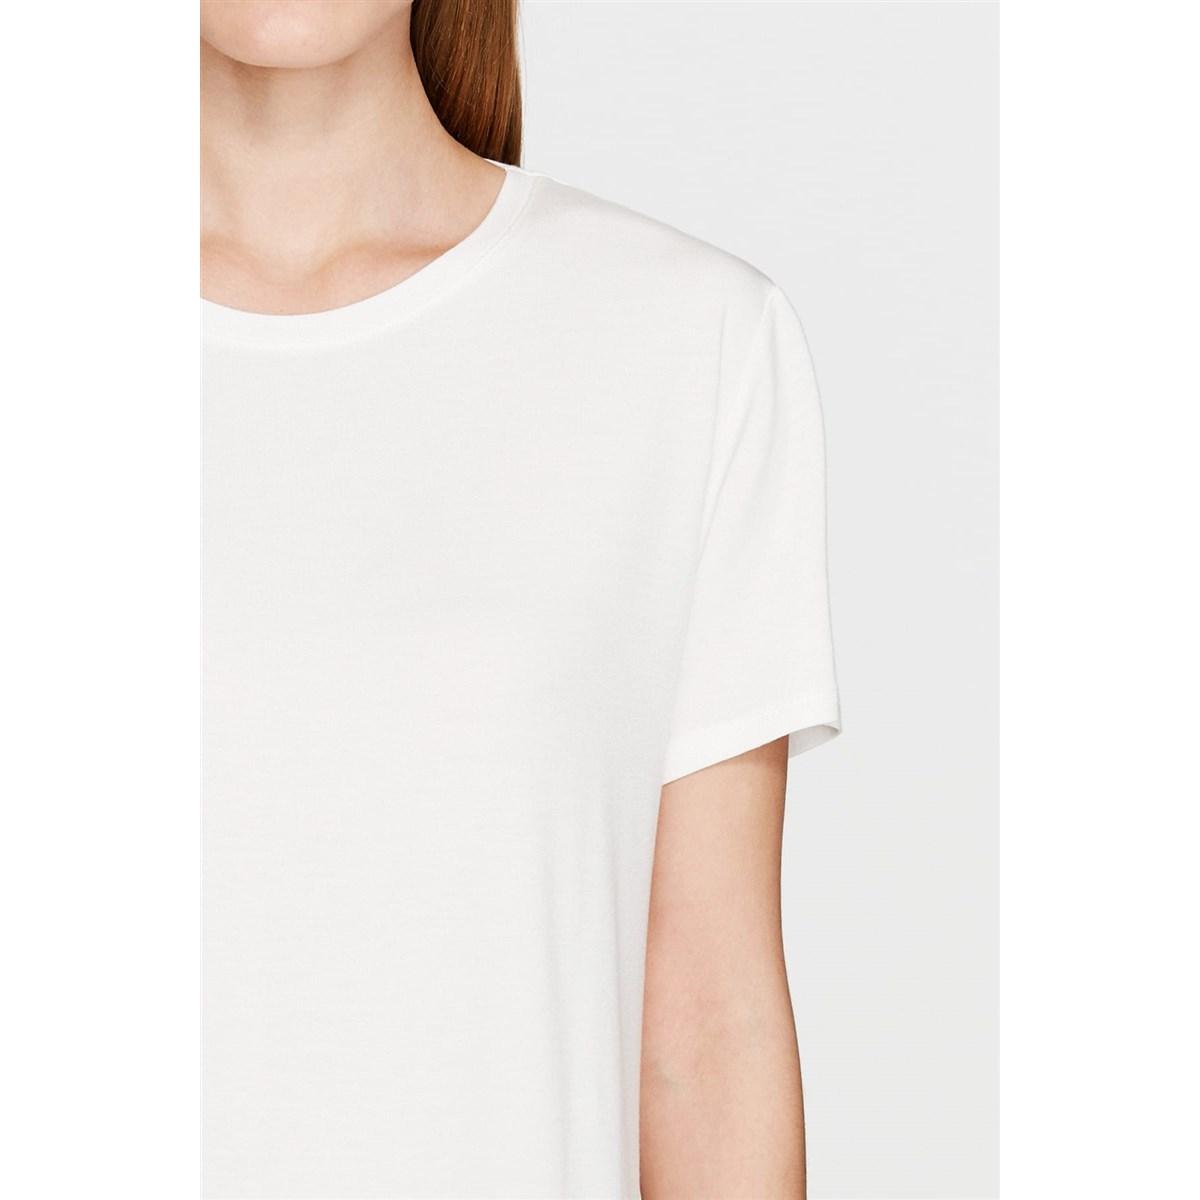 Mavi Kadın Yırtmaç Detaylı Beyaz Basic T-Shirt